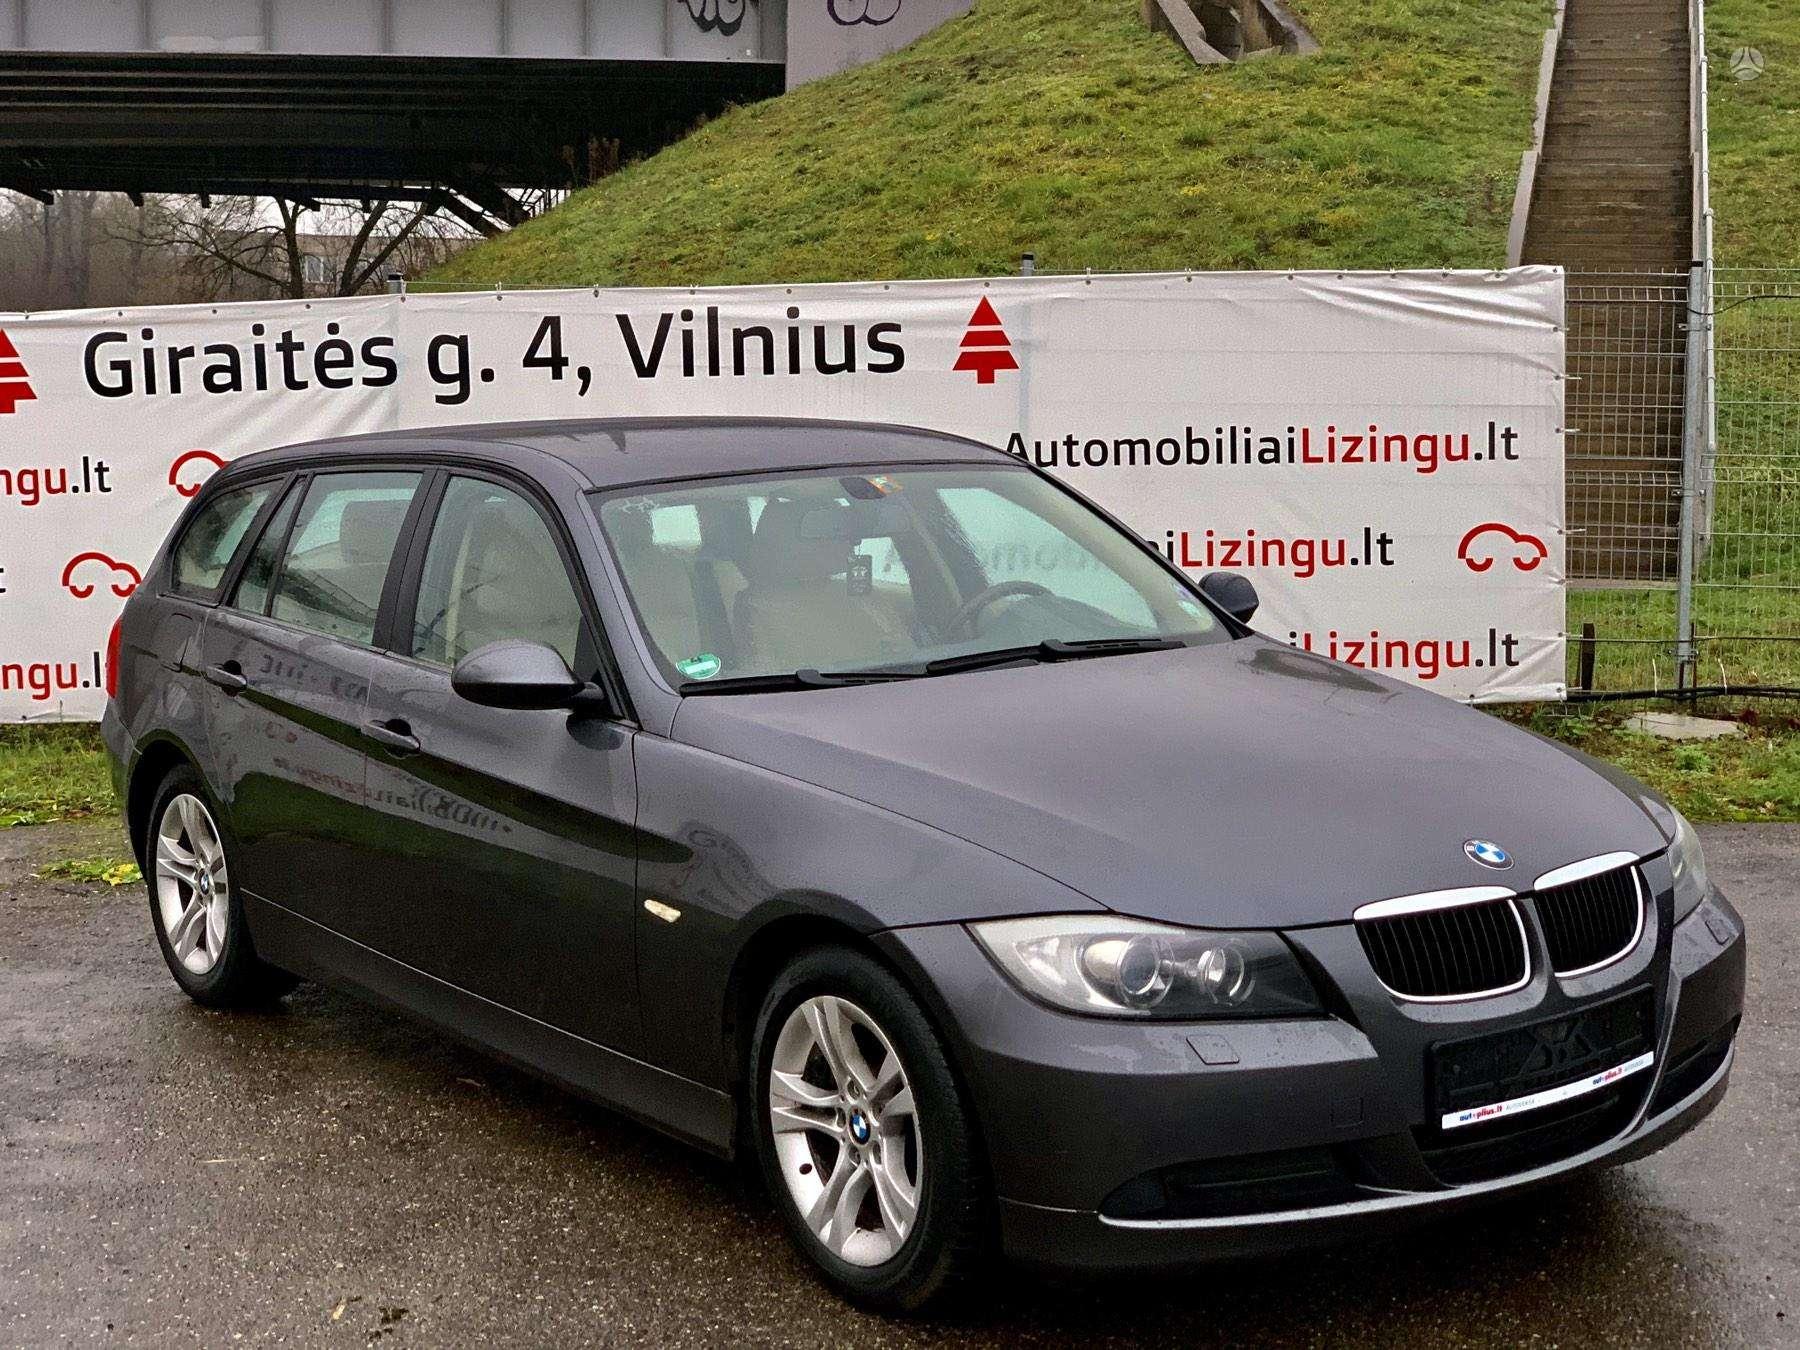 BMW 320 išsimokėtinai nuo 83Eur/Mėn su 3 mėnesių garantija